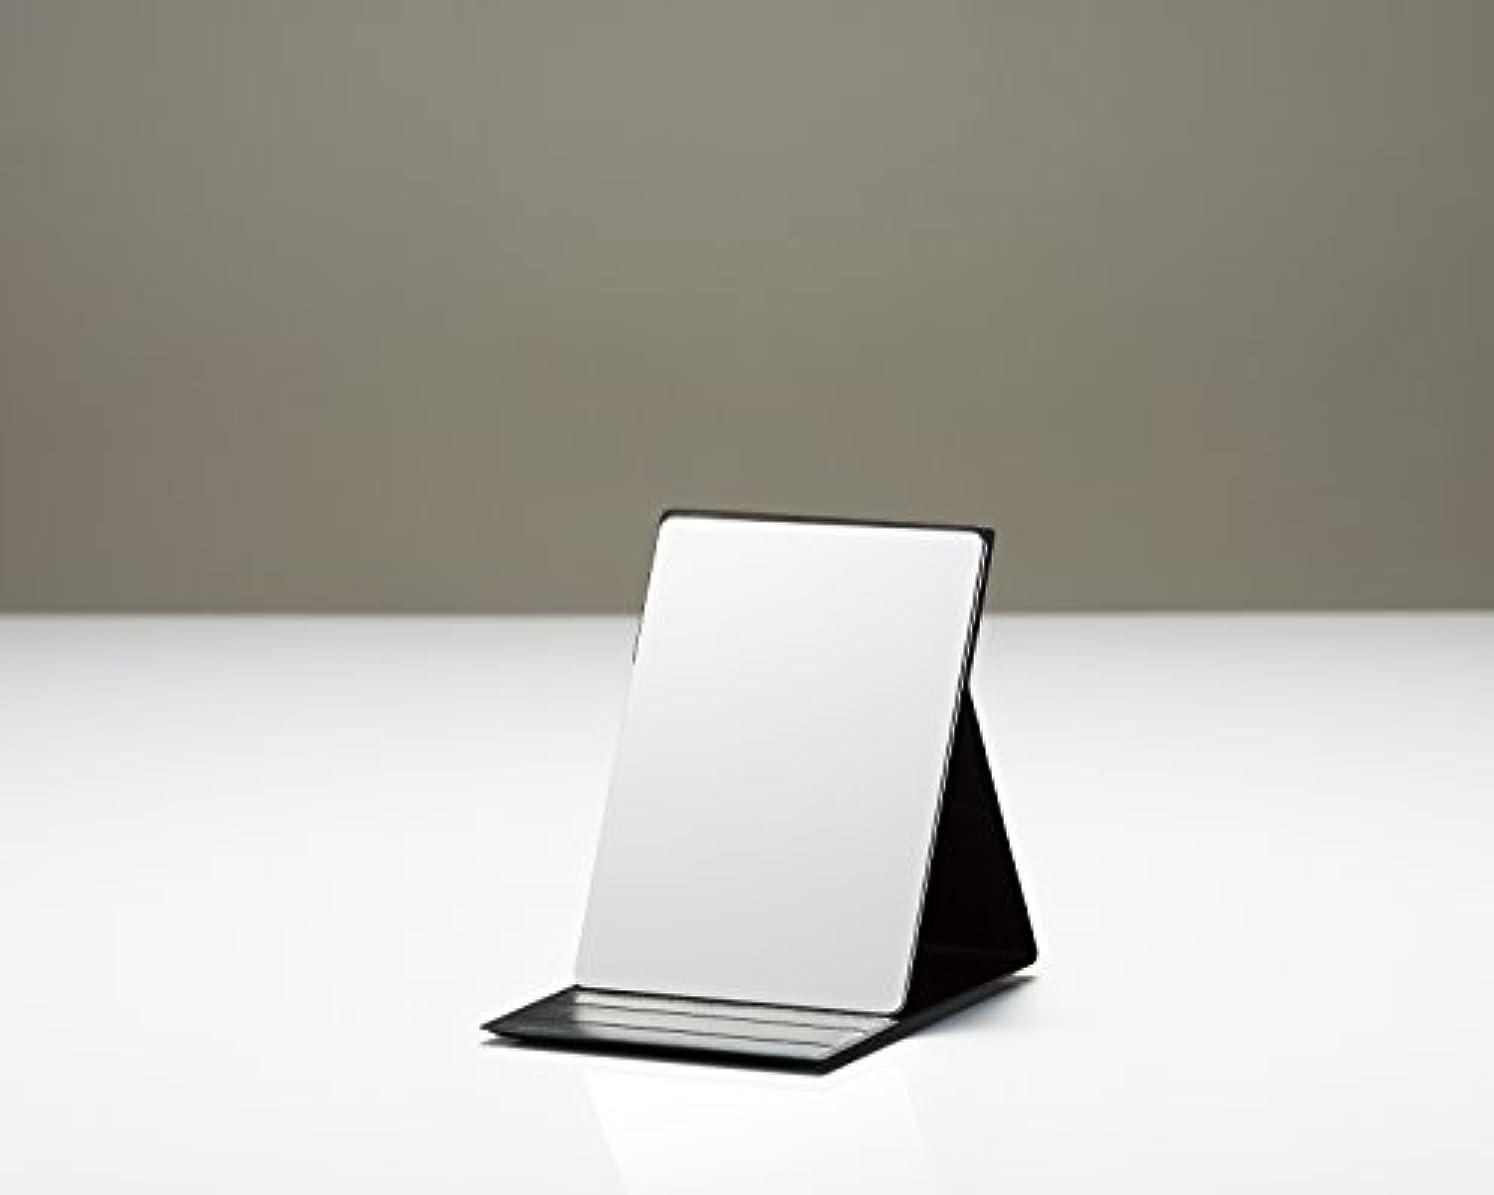 バーライフル栄光割れないミラー いきいきミラー折立(M)